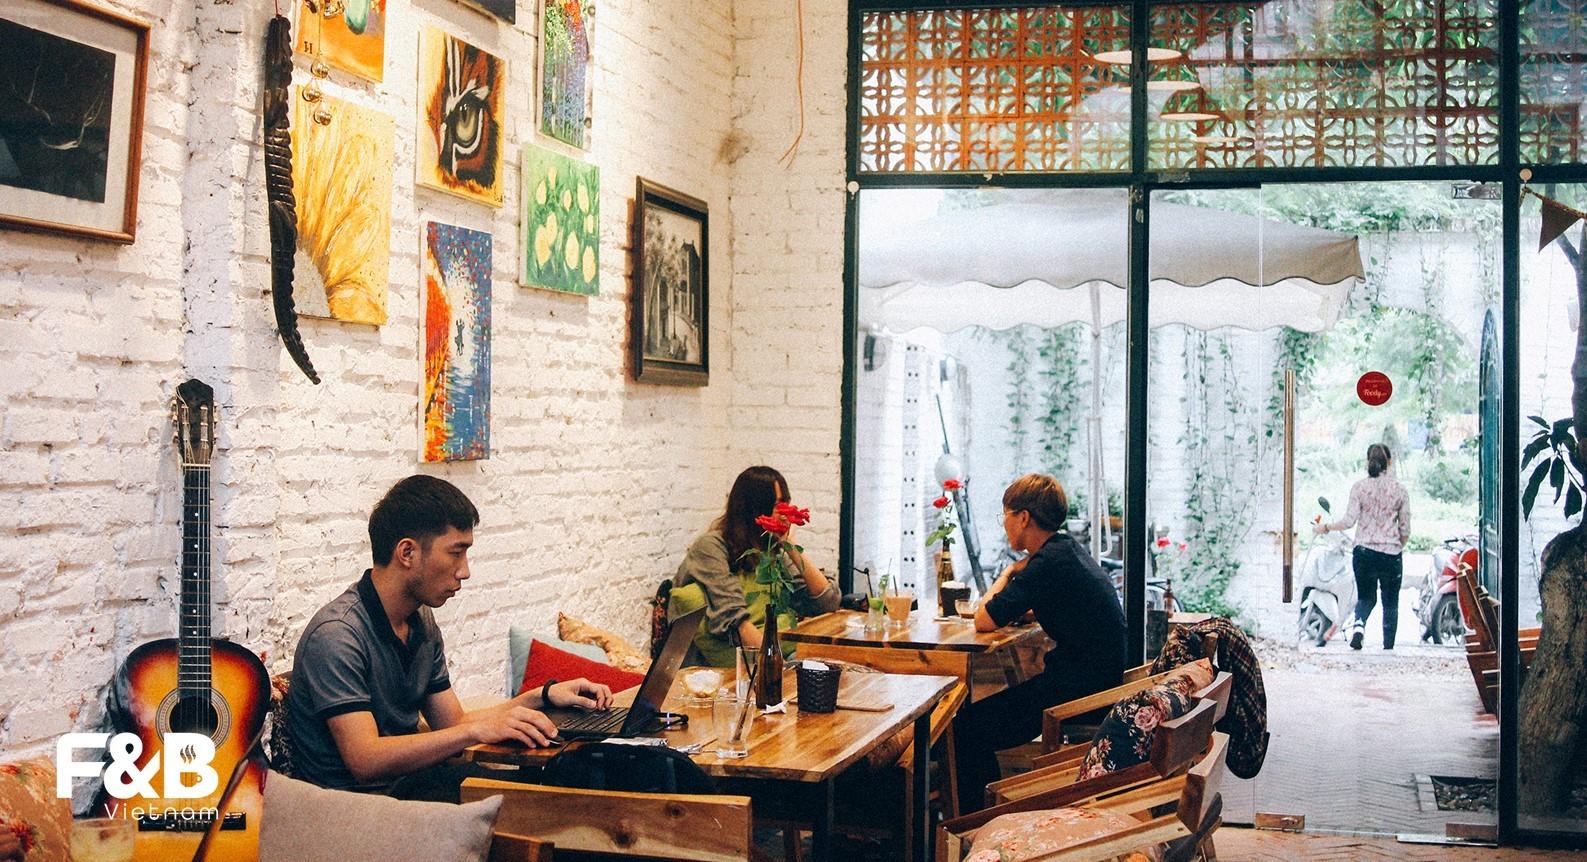 cá nhân hóa trải nghiệm nhạc cho quán cà phê